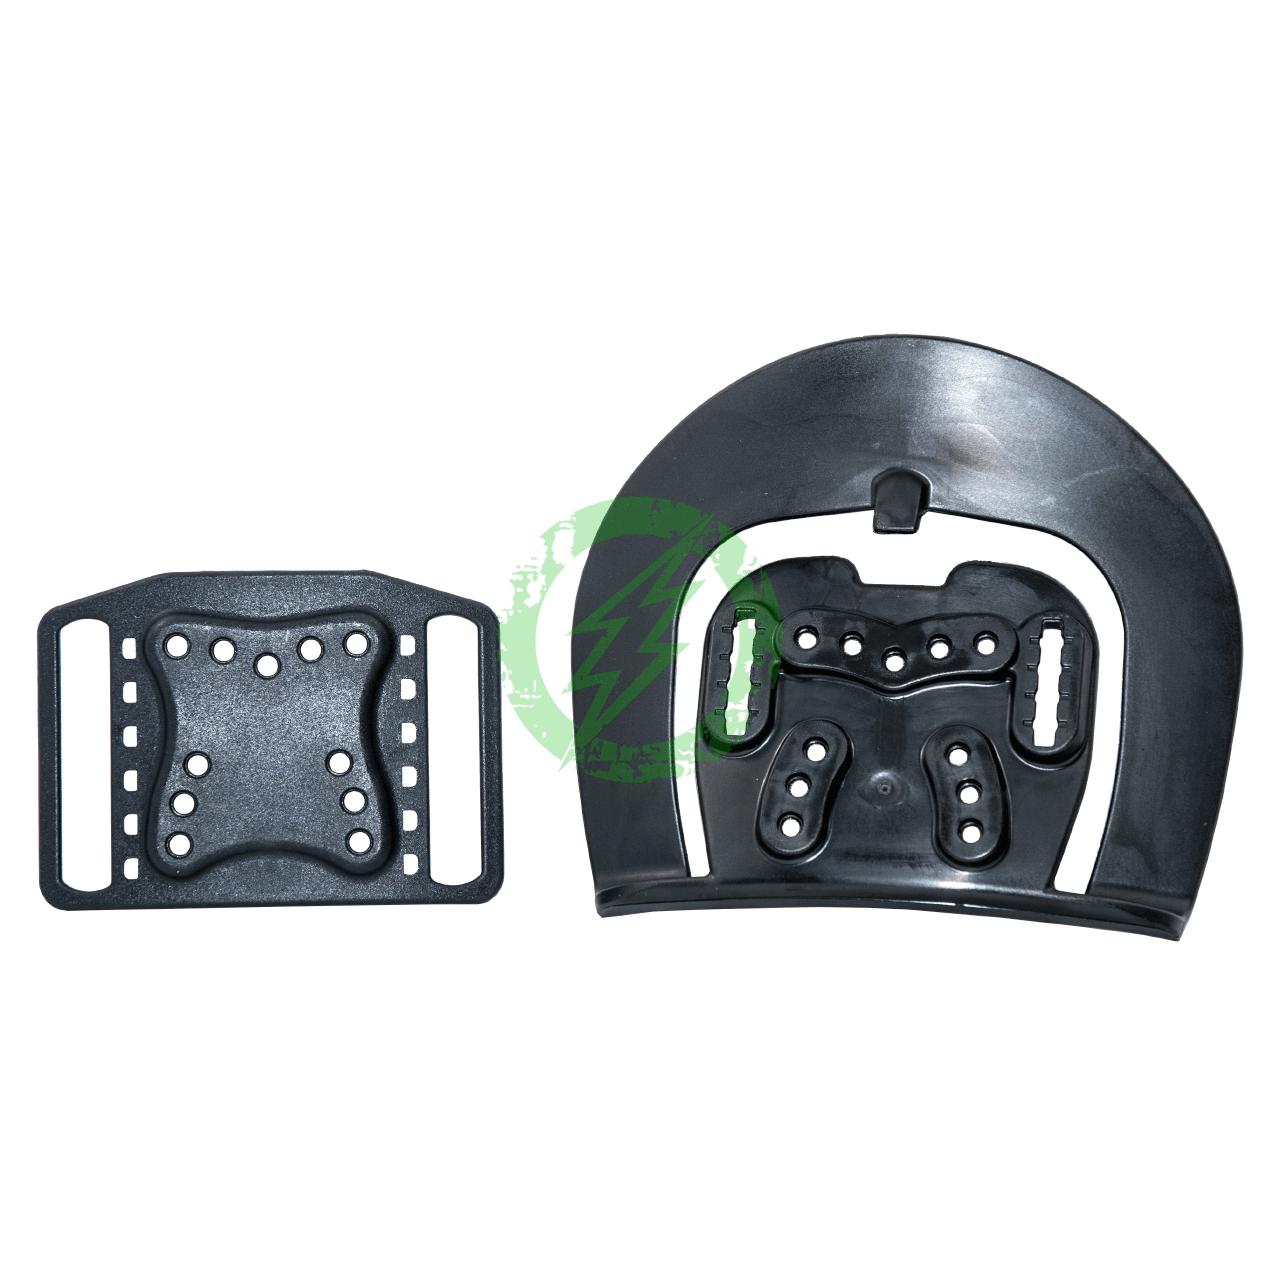 BlackHawk Omnivore Holster for Non-Light Pistols | Black | Left Handed accessories